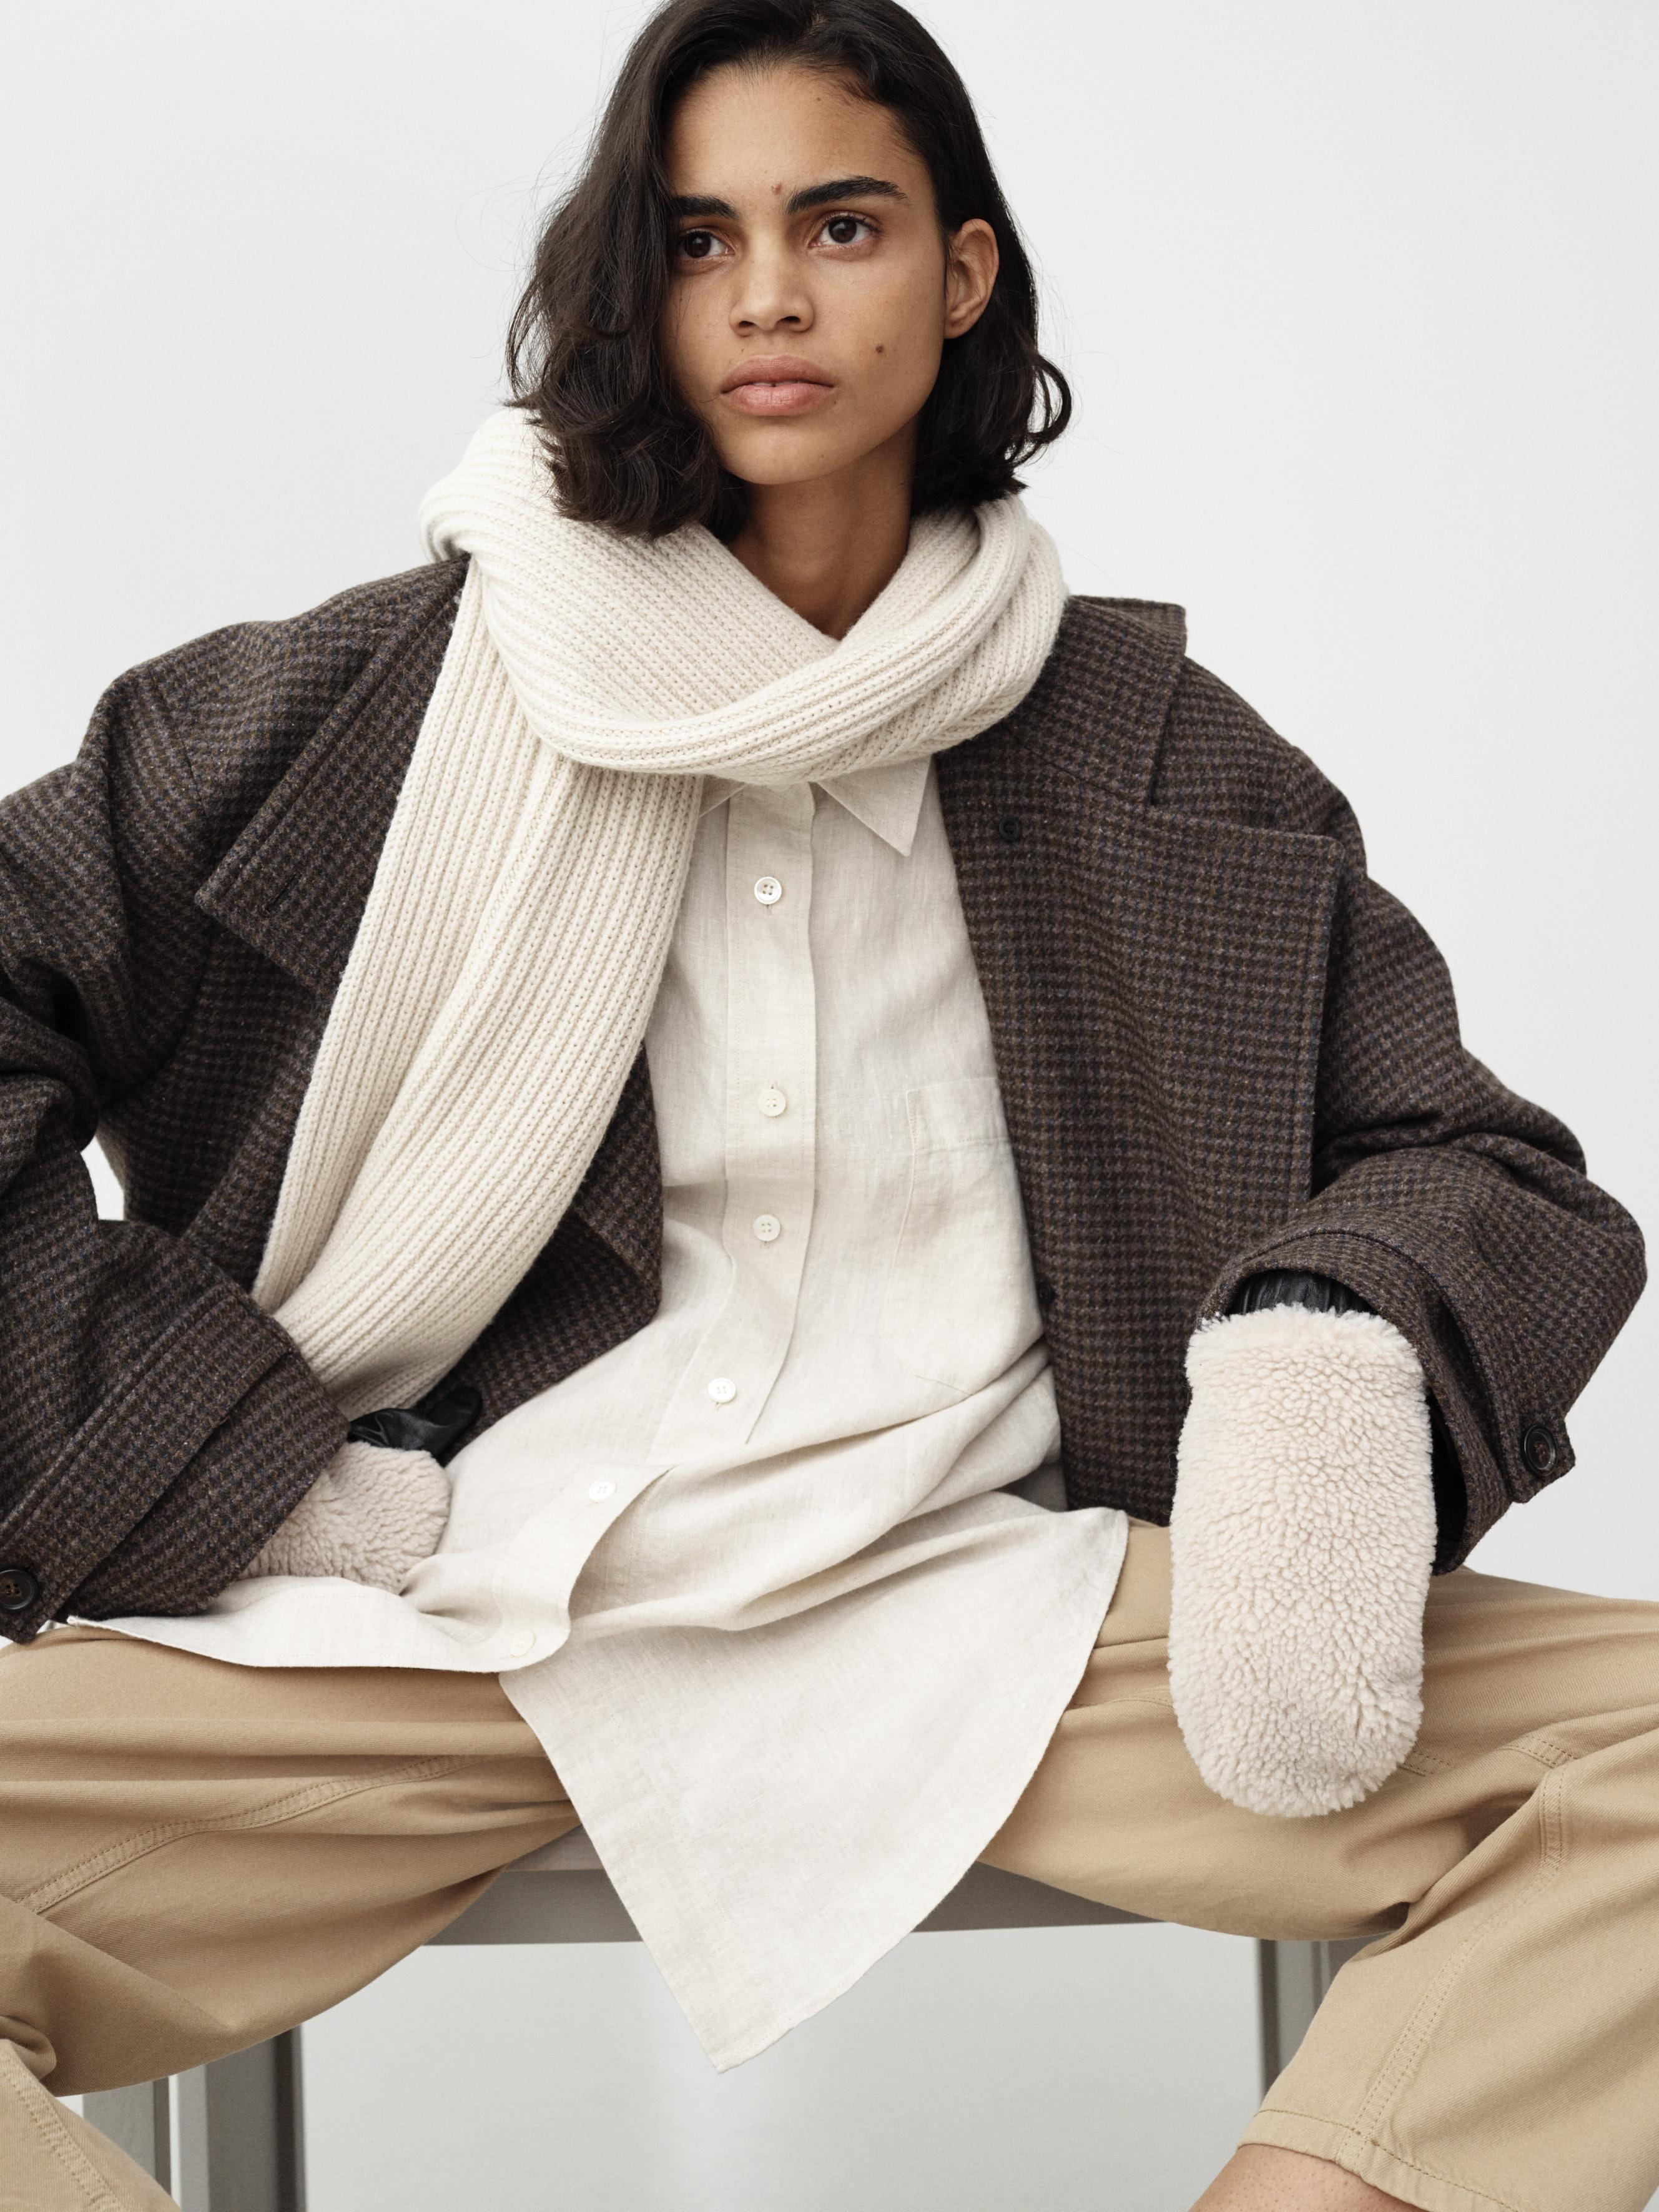 ARKET_AW20_Lookbook_Womenswear_7 EN